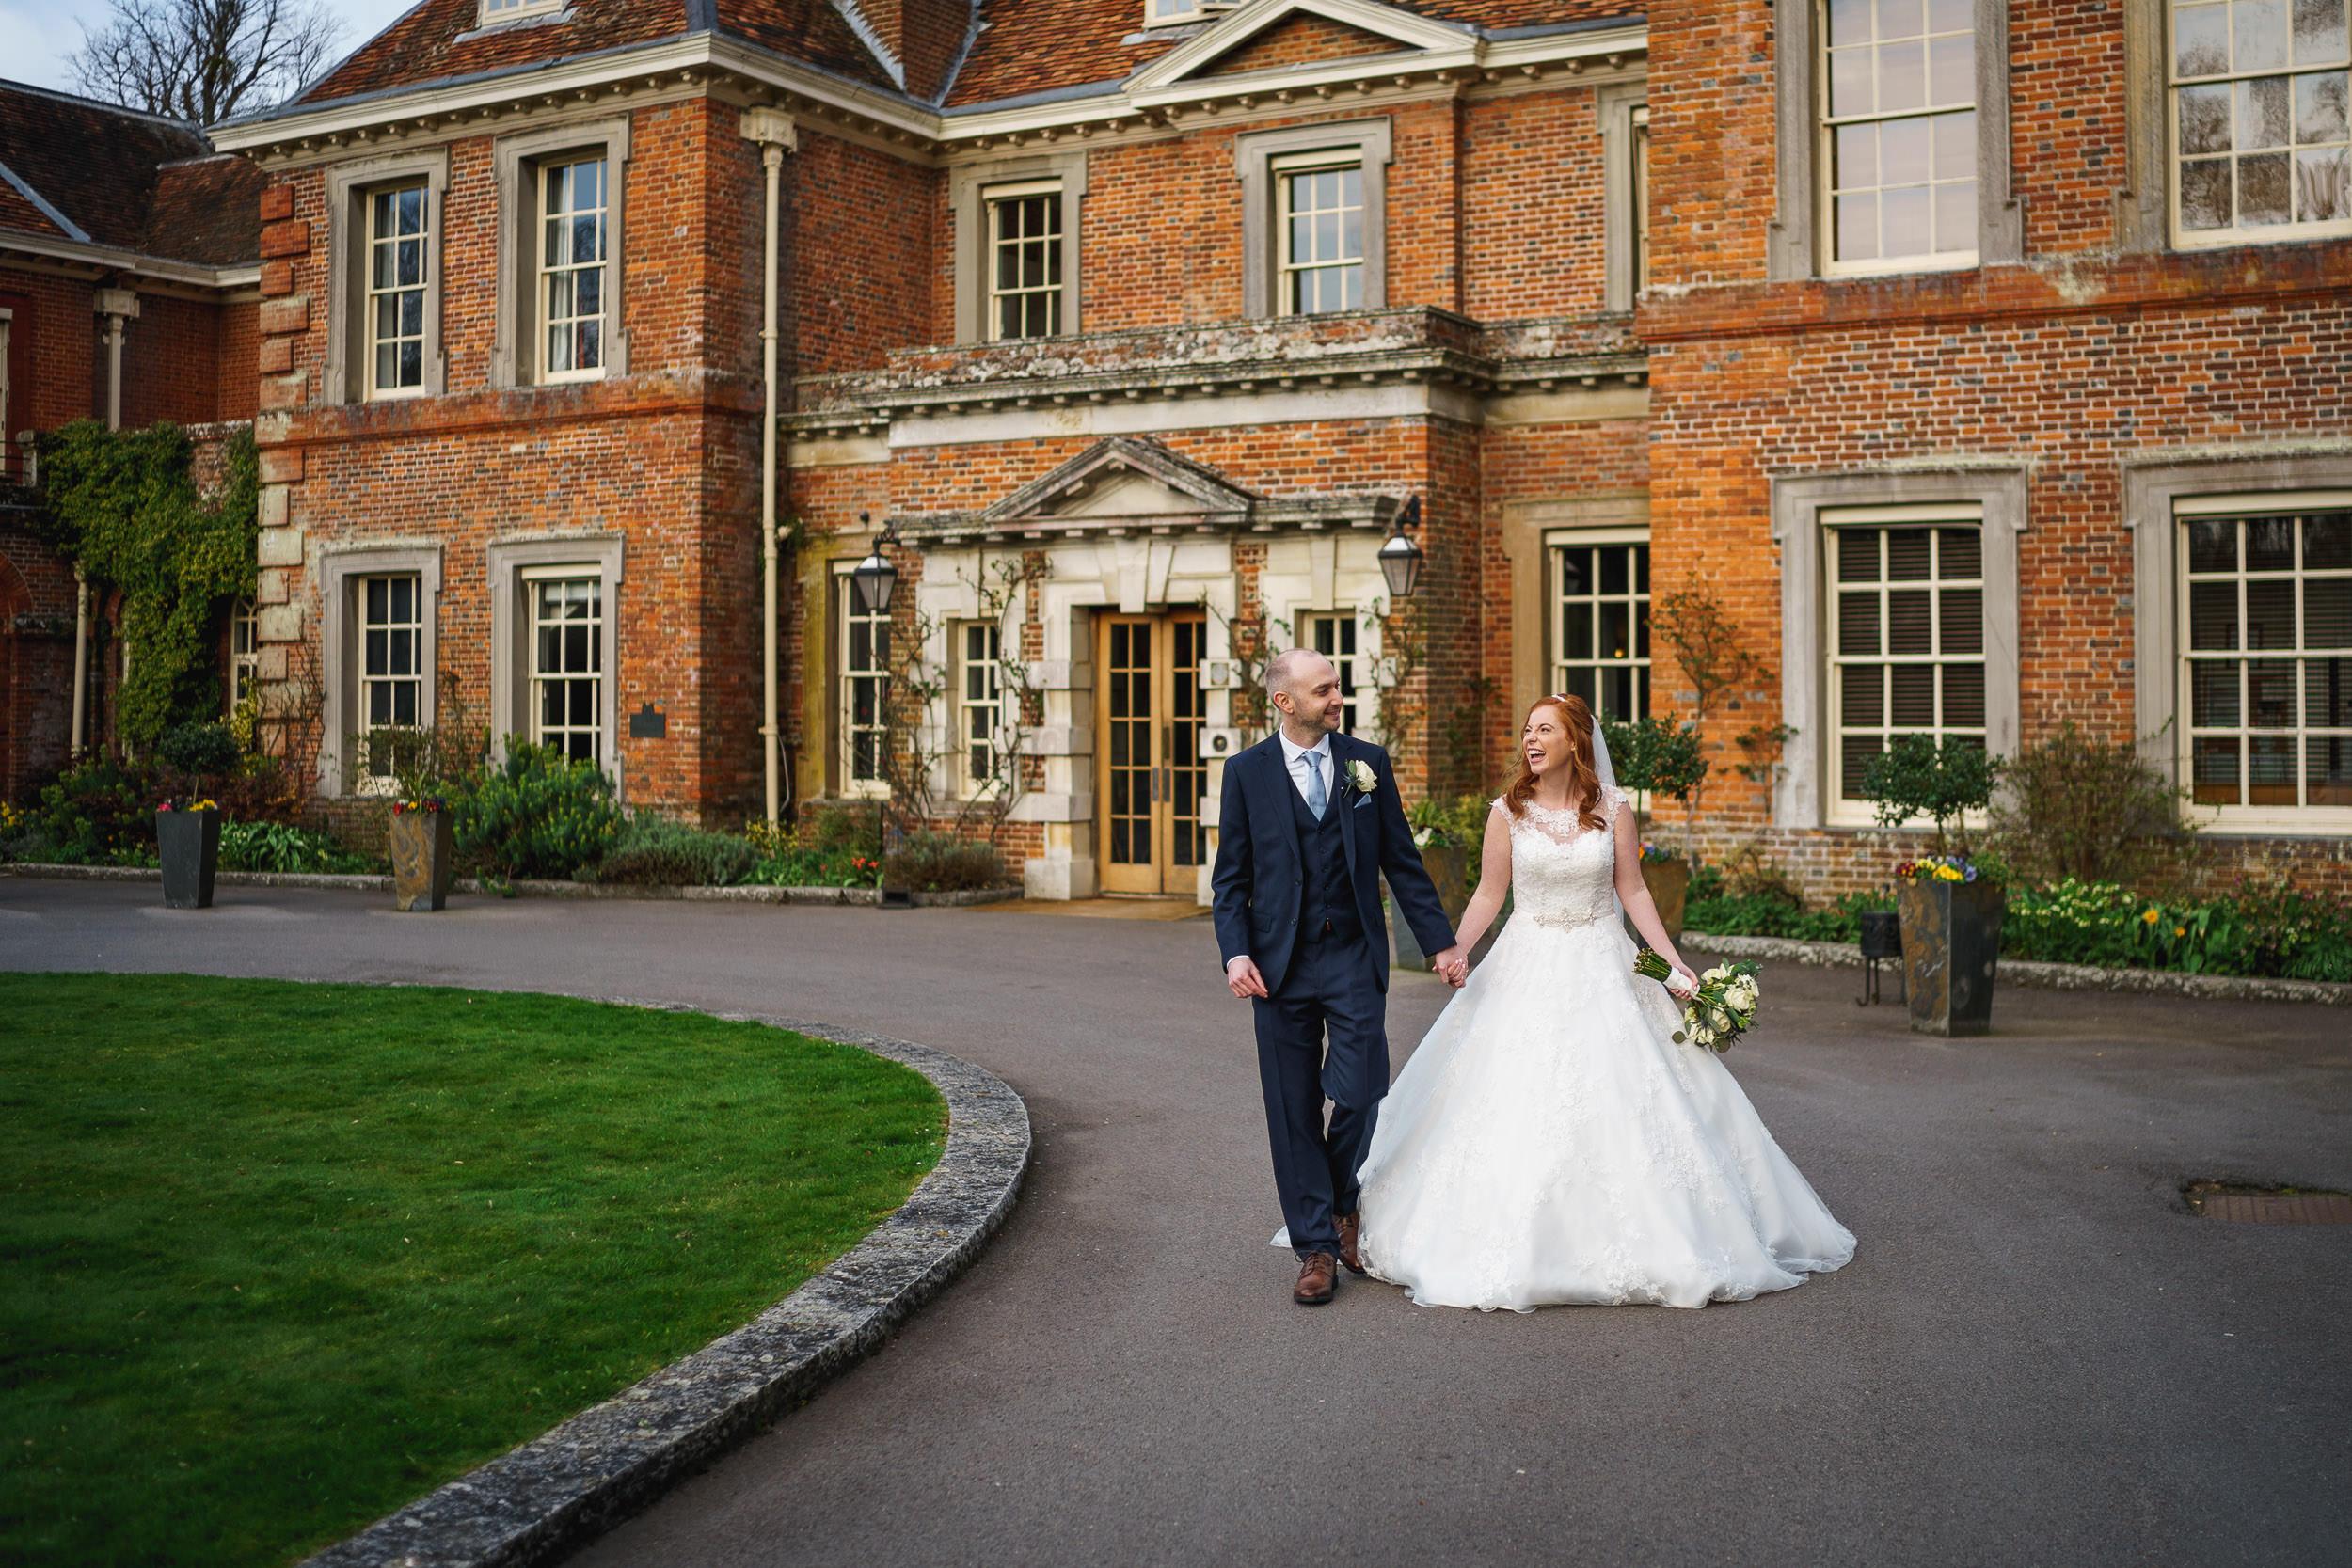 Lainston House + Winchester wedding photography - Jenna + George